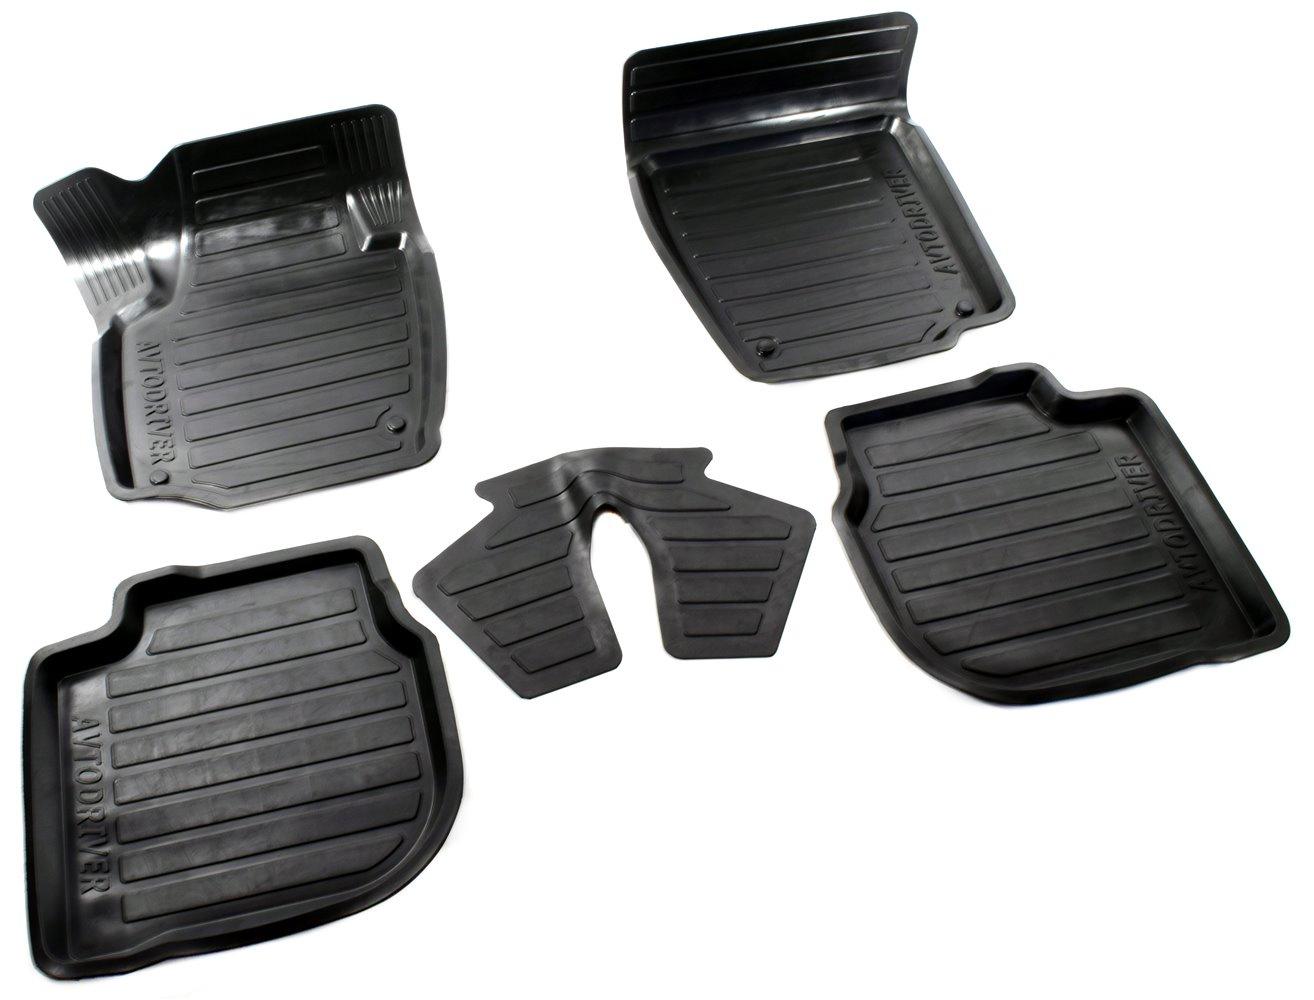 Коврики в салон автомобиля Avtodriver, для Skoda Rapid, 2014-, ADRAVG002, резиновые, с бортиком, черный